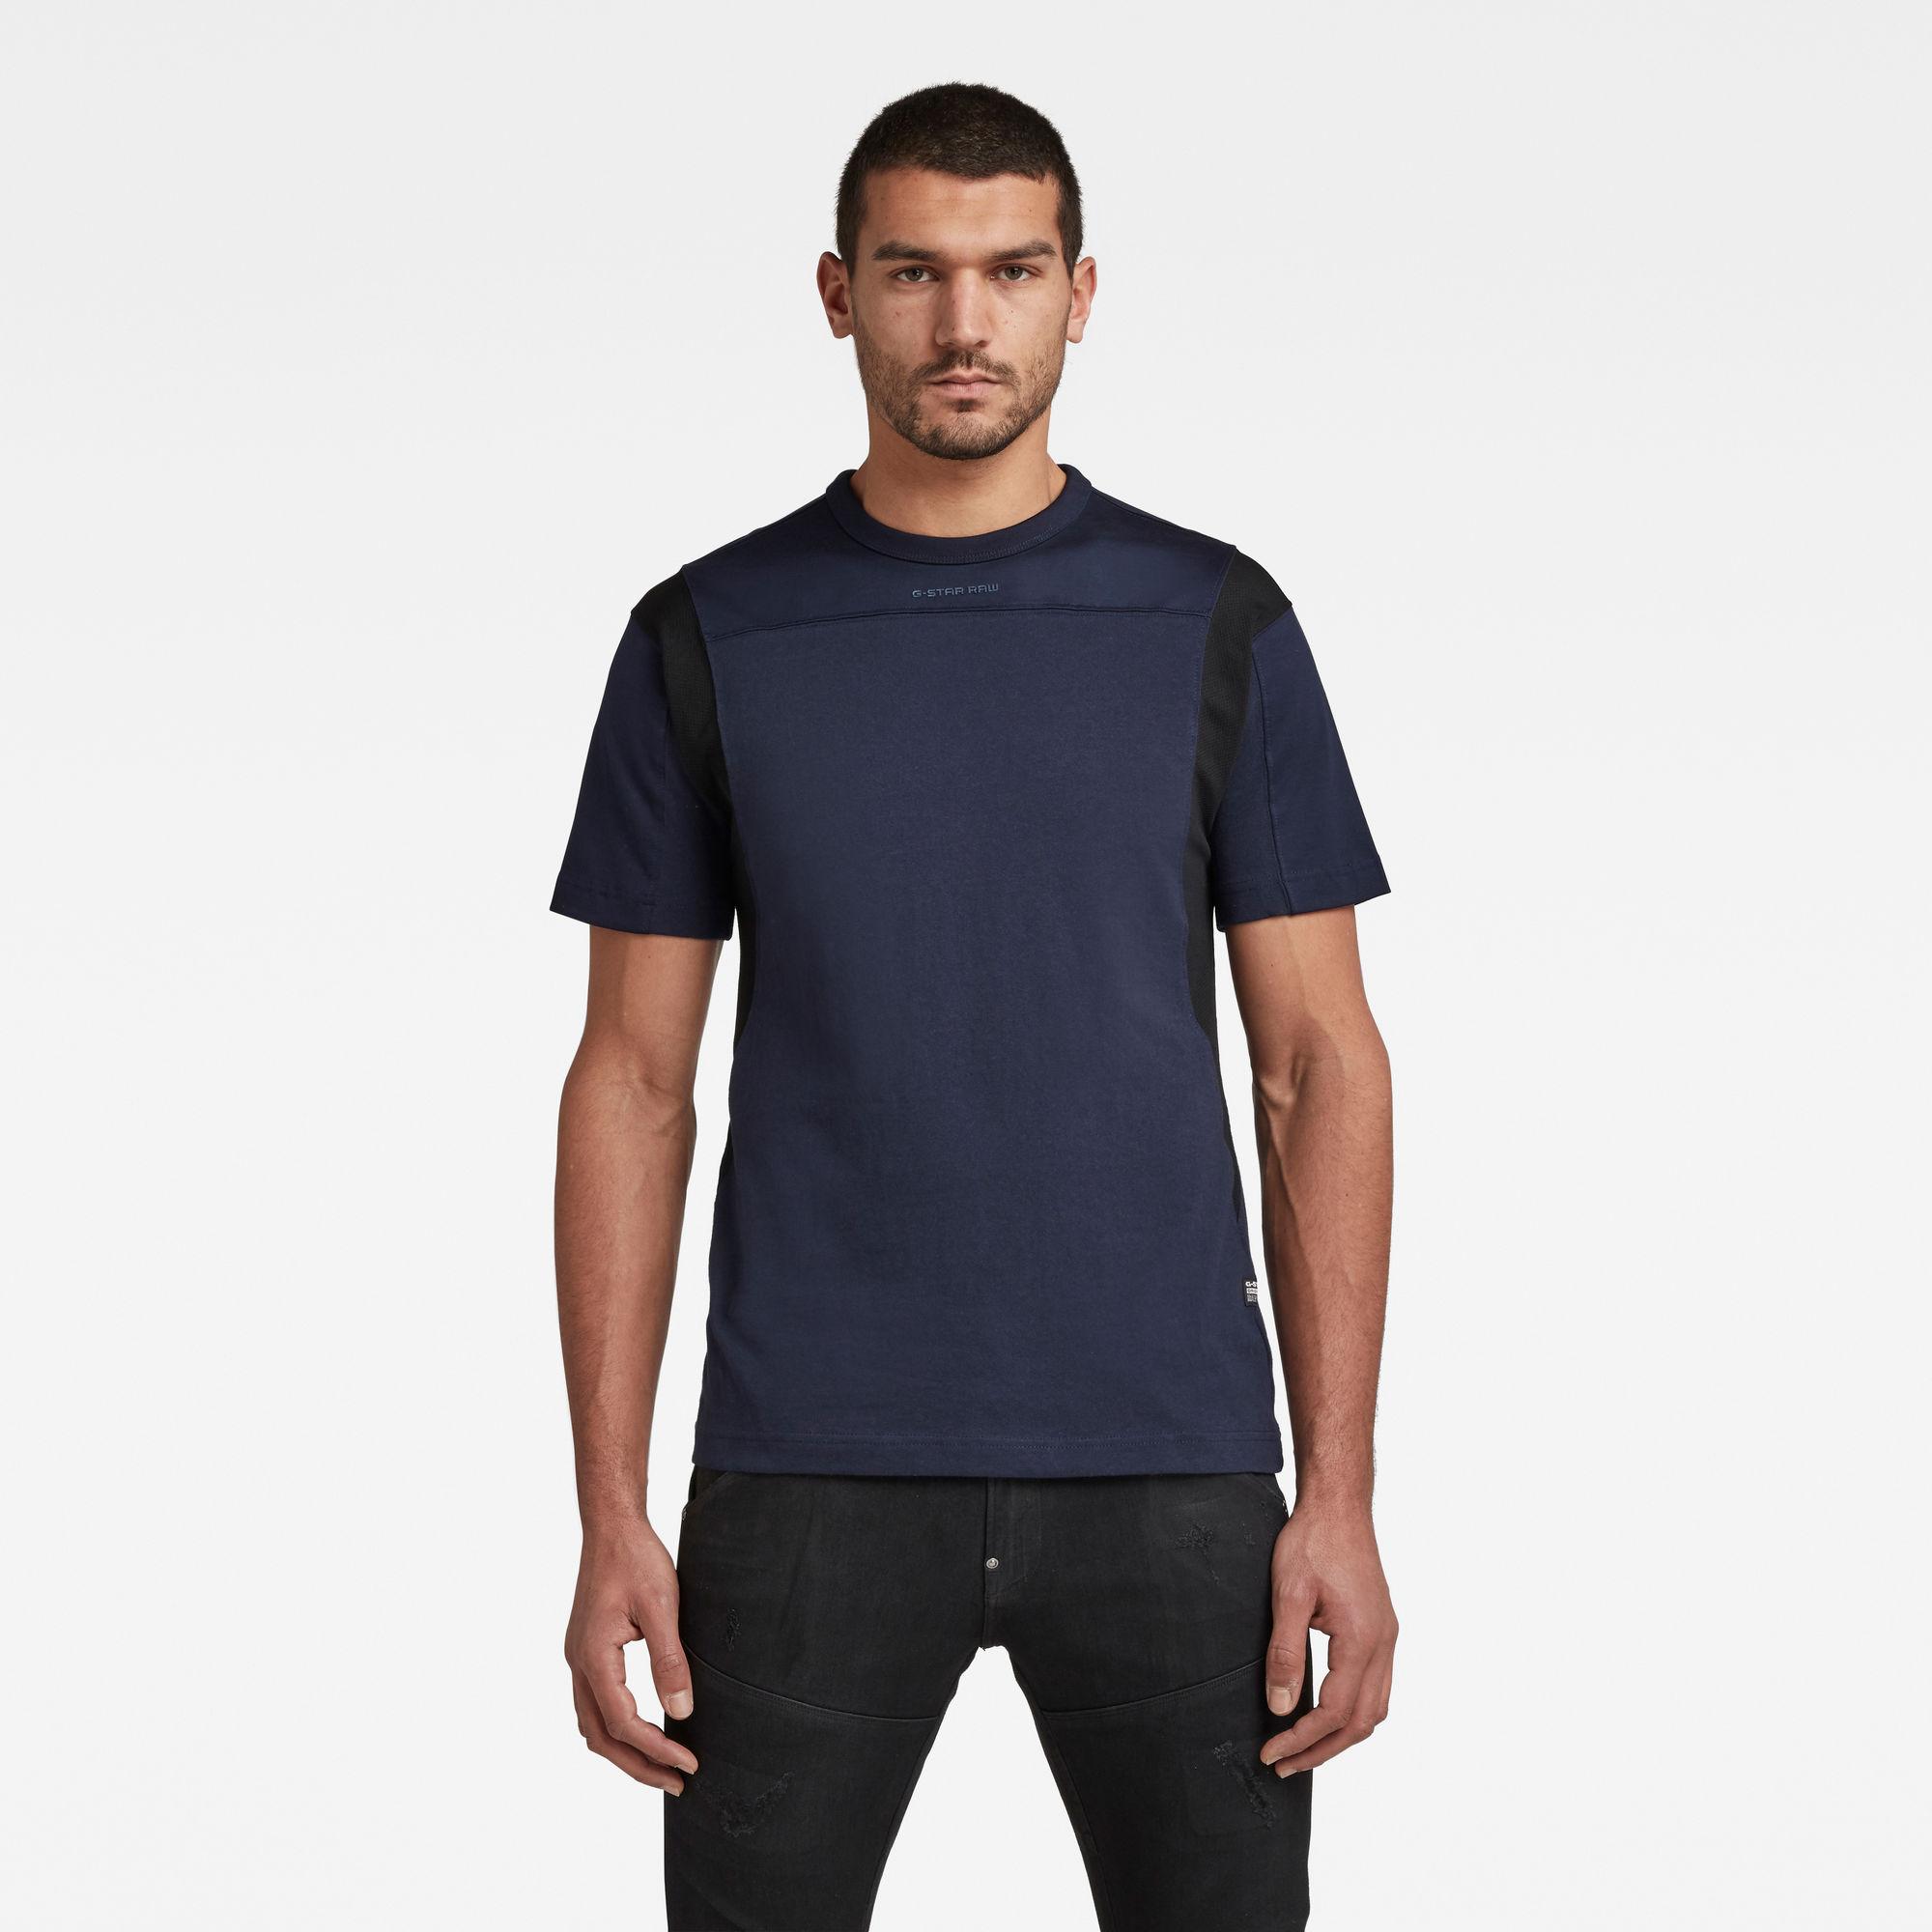 G-Star RAW Heren Moto Mesh Motac T-Shirt Donkerblauw